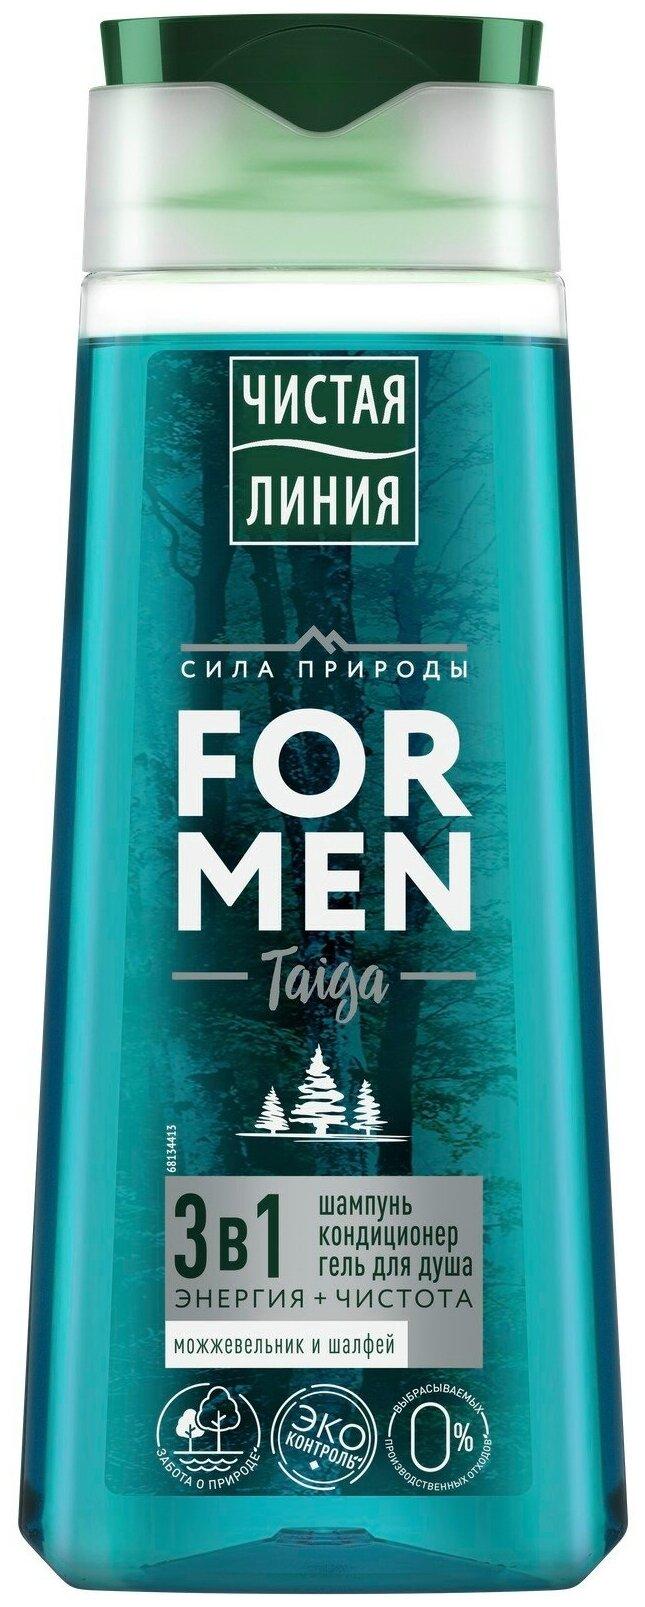 Купить Гель для душа 3 в 1 Чистая линия For Men Taiga Энергия + чистота Можжевельник и шалфей, 250 мл по низкой цене с доставкой из Яндекс.Маркета